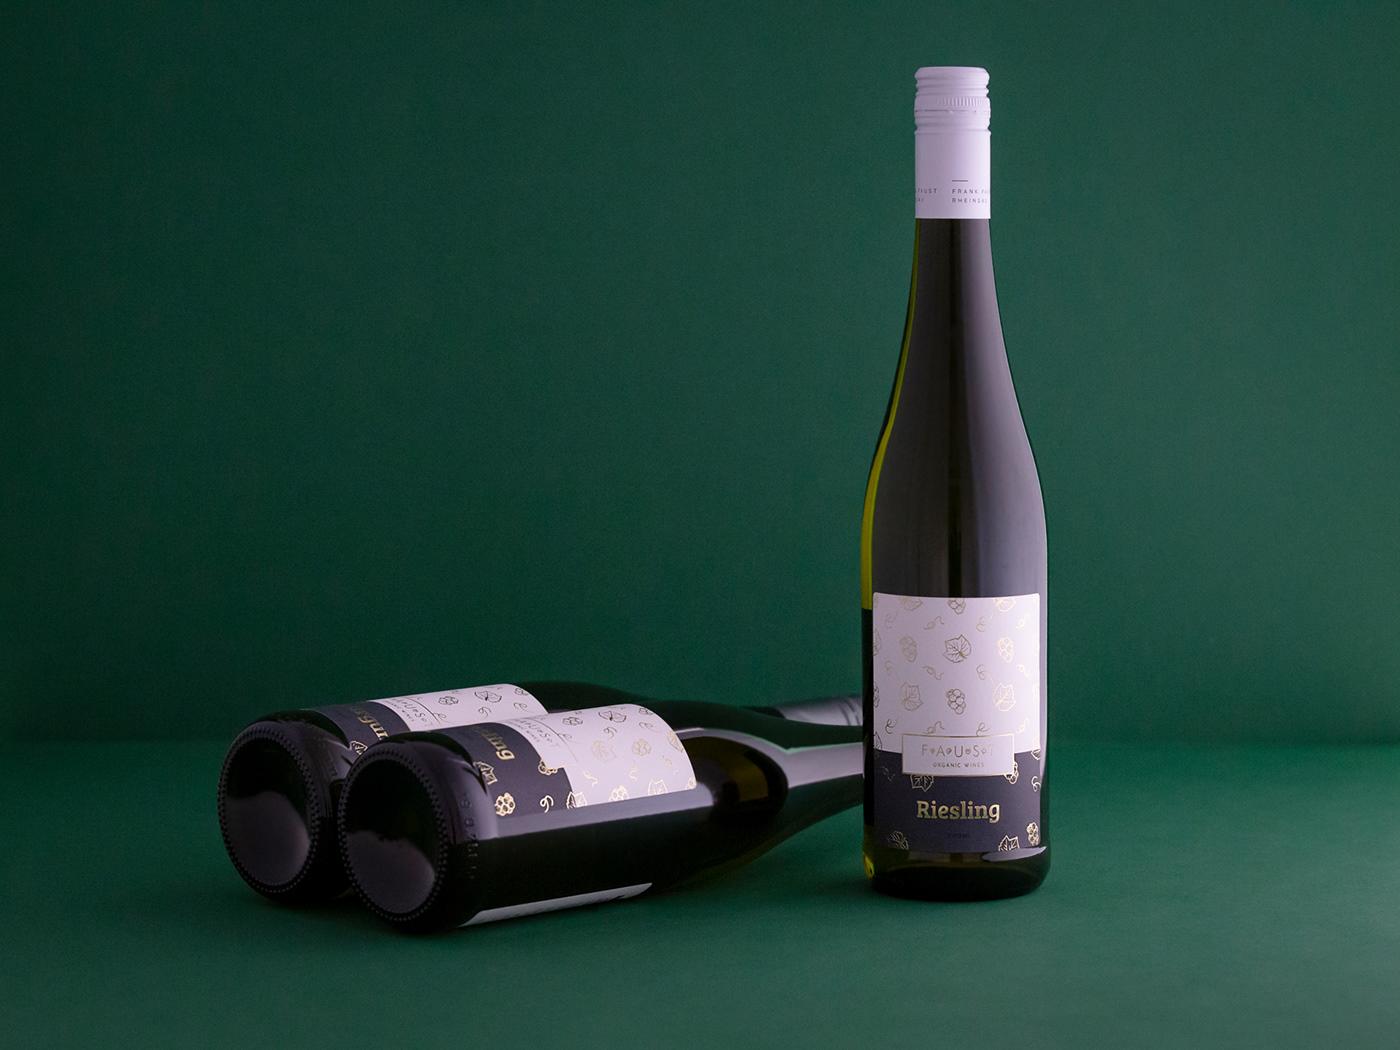 wine labels organic wine FRANK FAUST Faust rheingau bootle of wine boom studio Packaging Wine Packaging